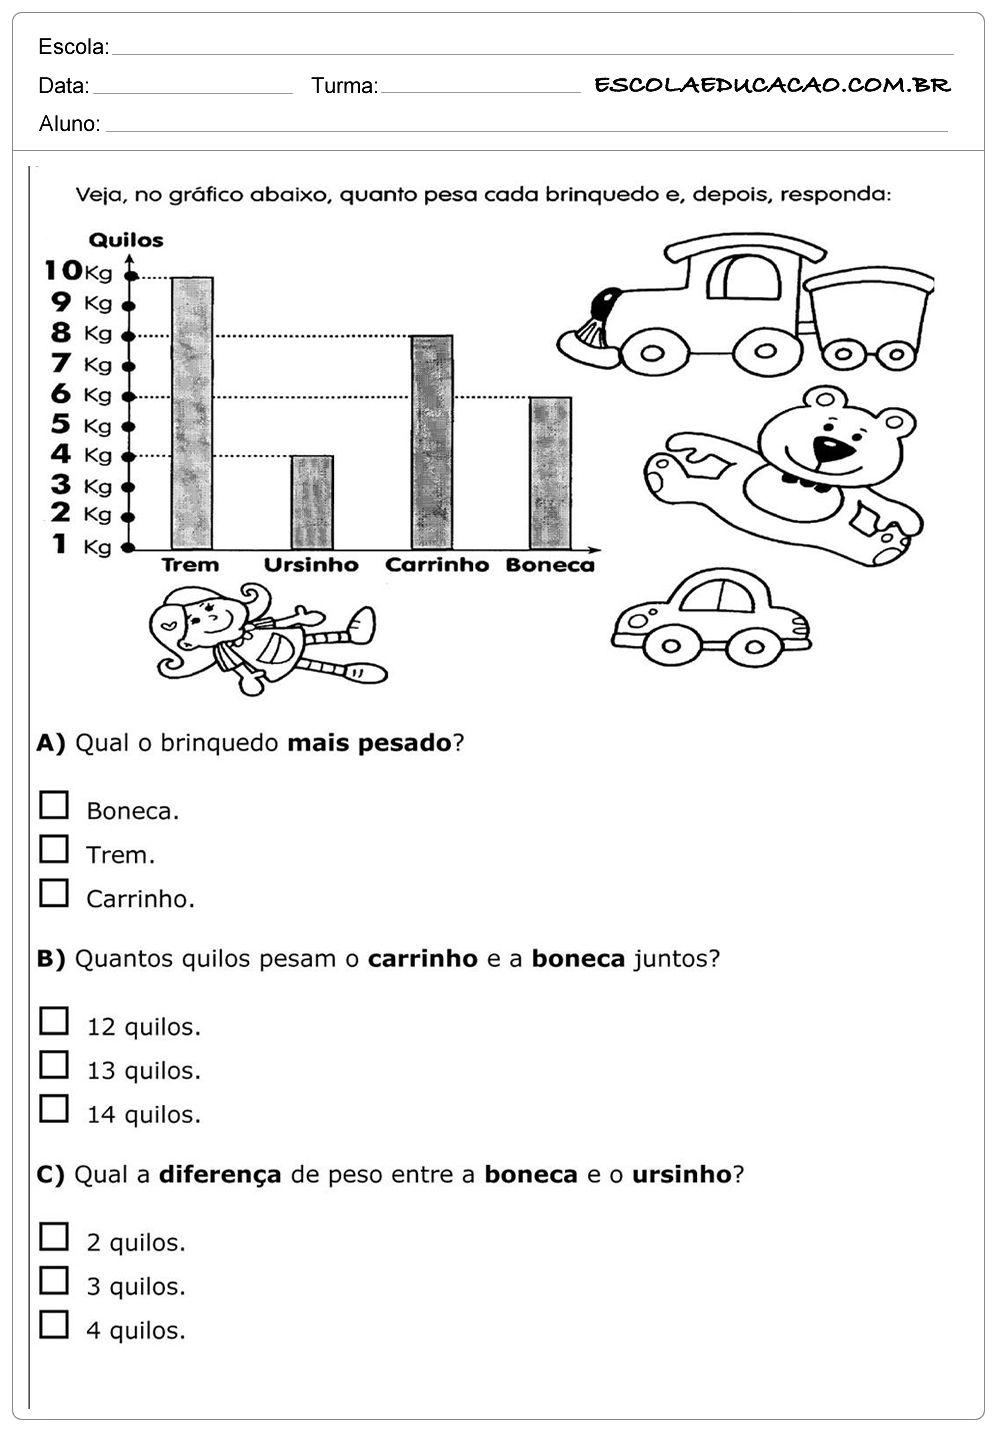 Excepcional Atividades de Matemática 2º ano - Quilos | BANCO DE TAREFAS  NC68